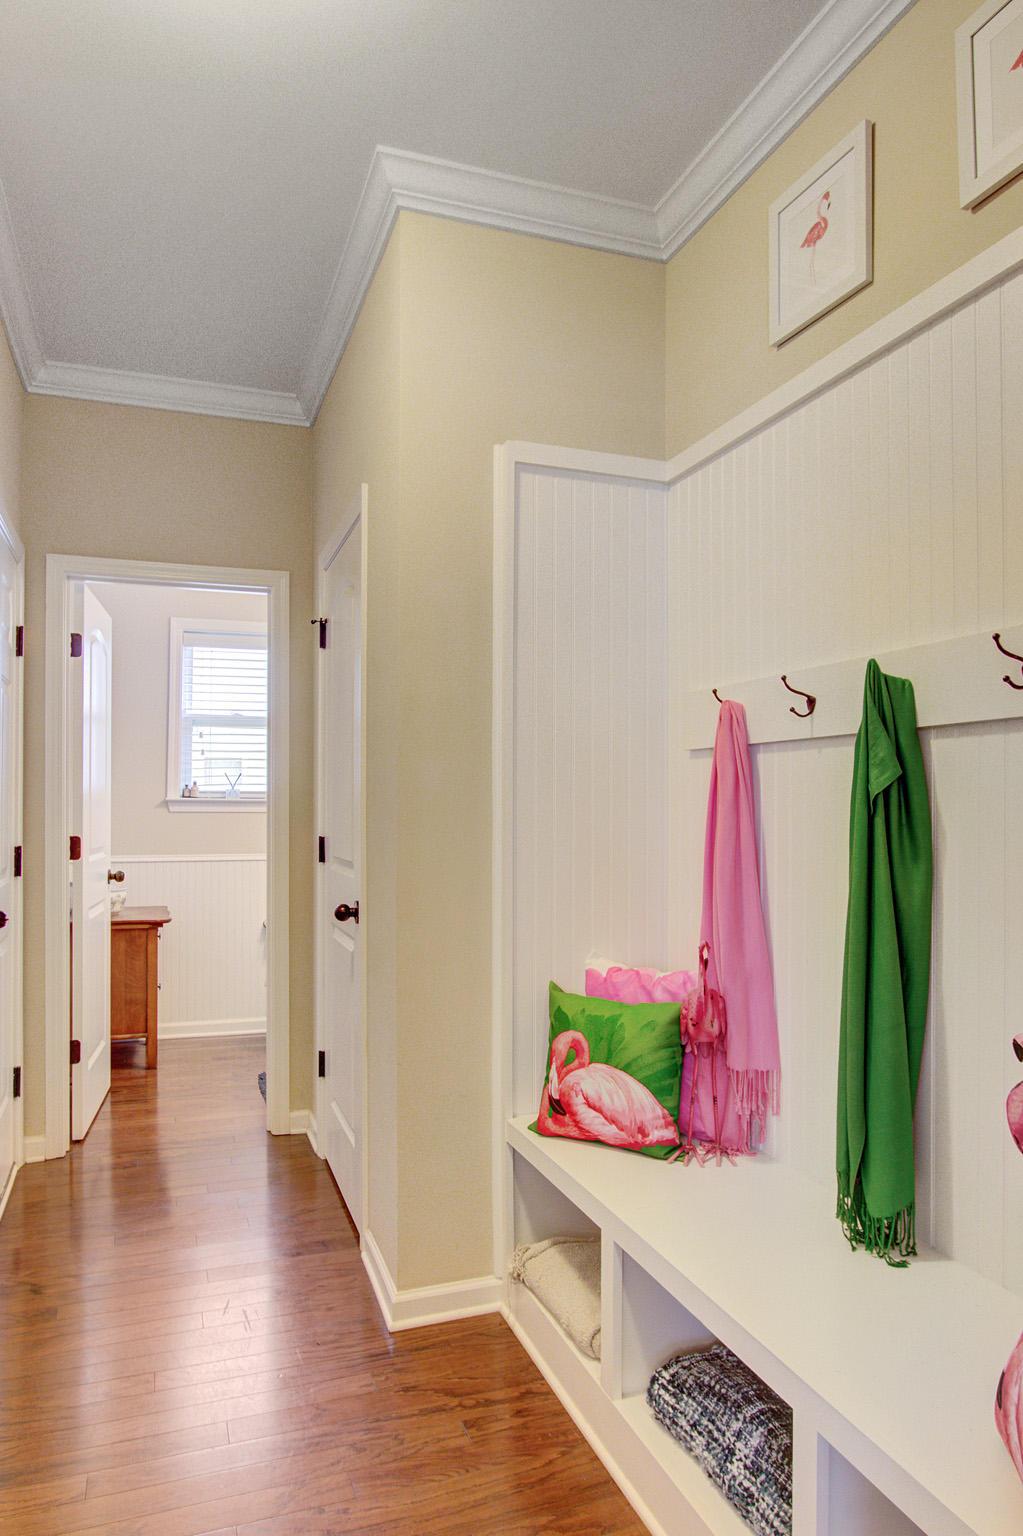 Sunnyfield Homes For Sale - 203 Medford, Summerville, SC - 29